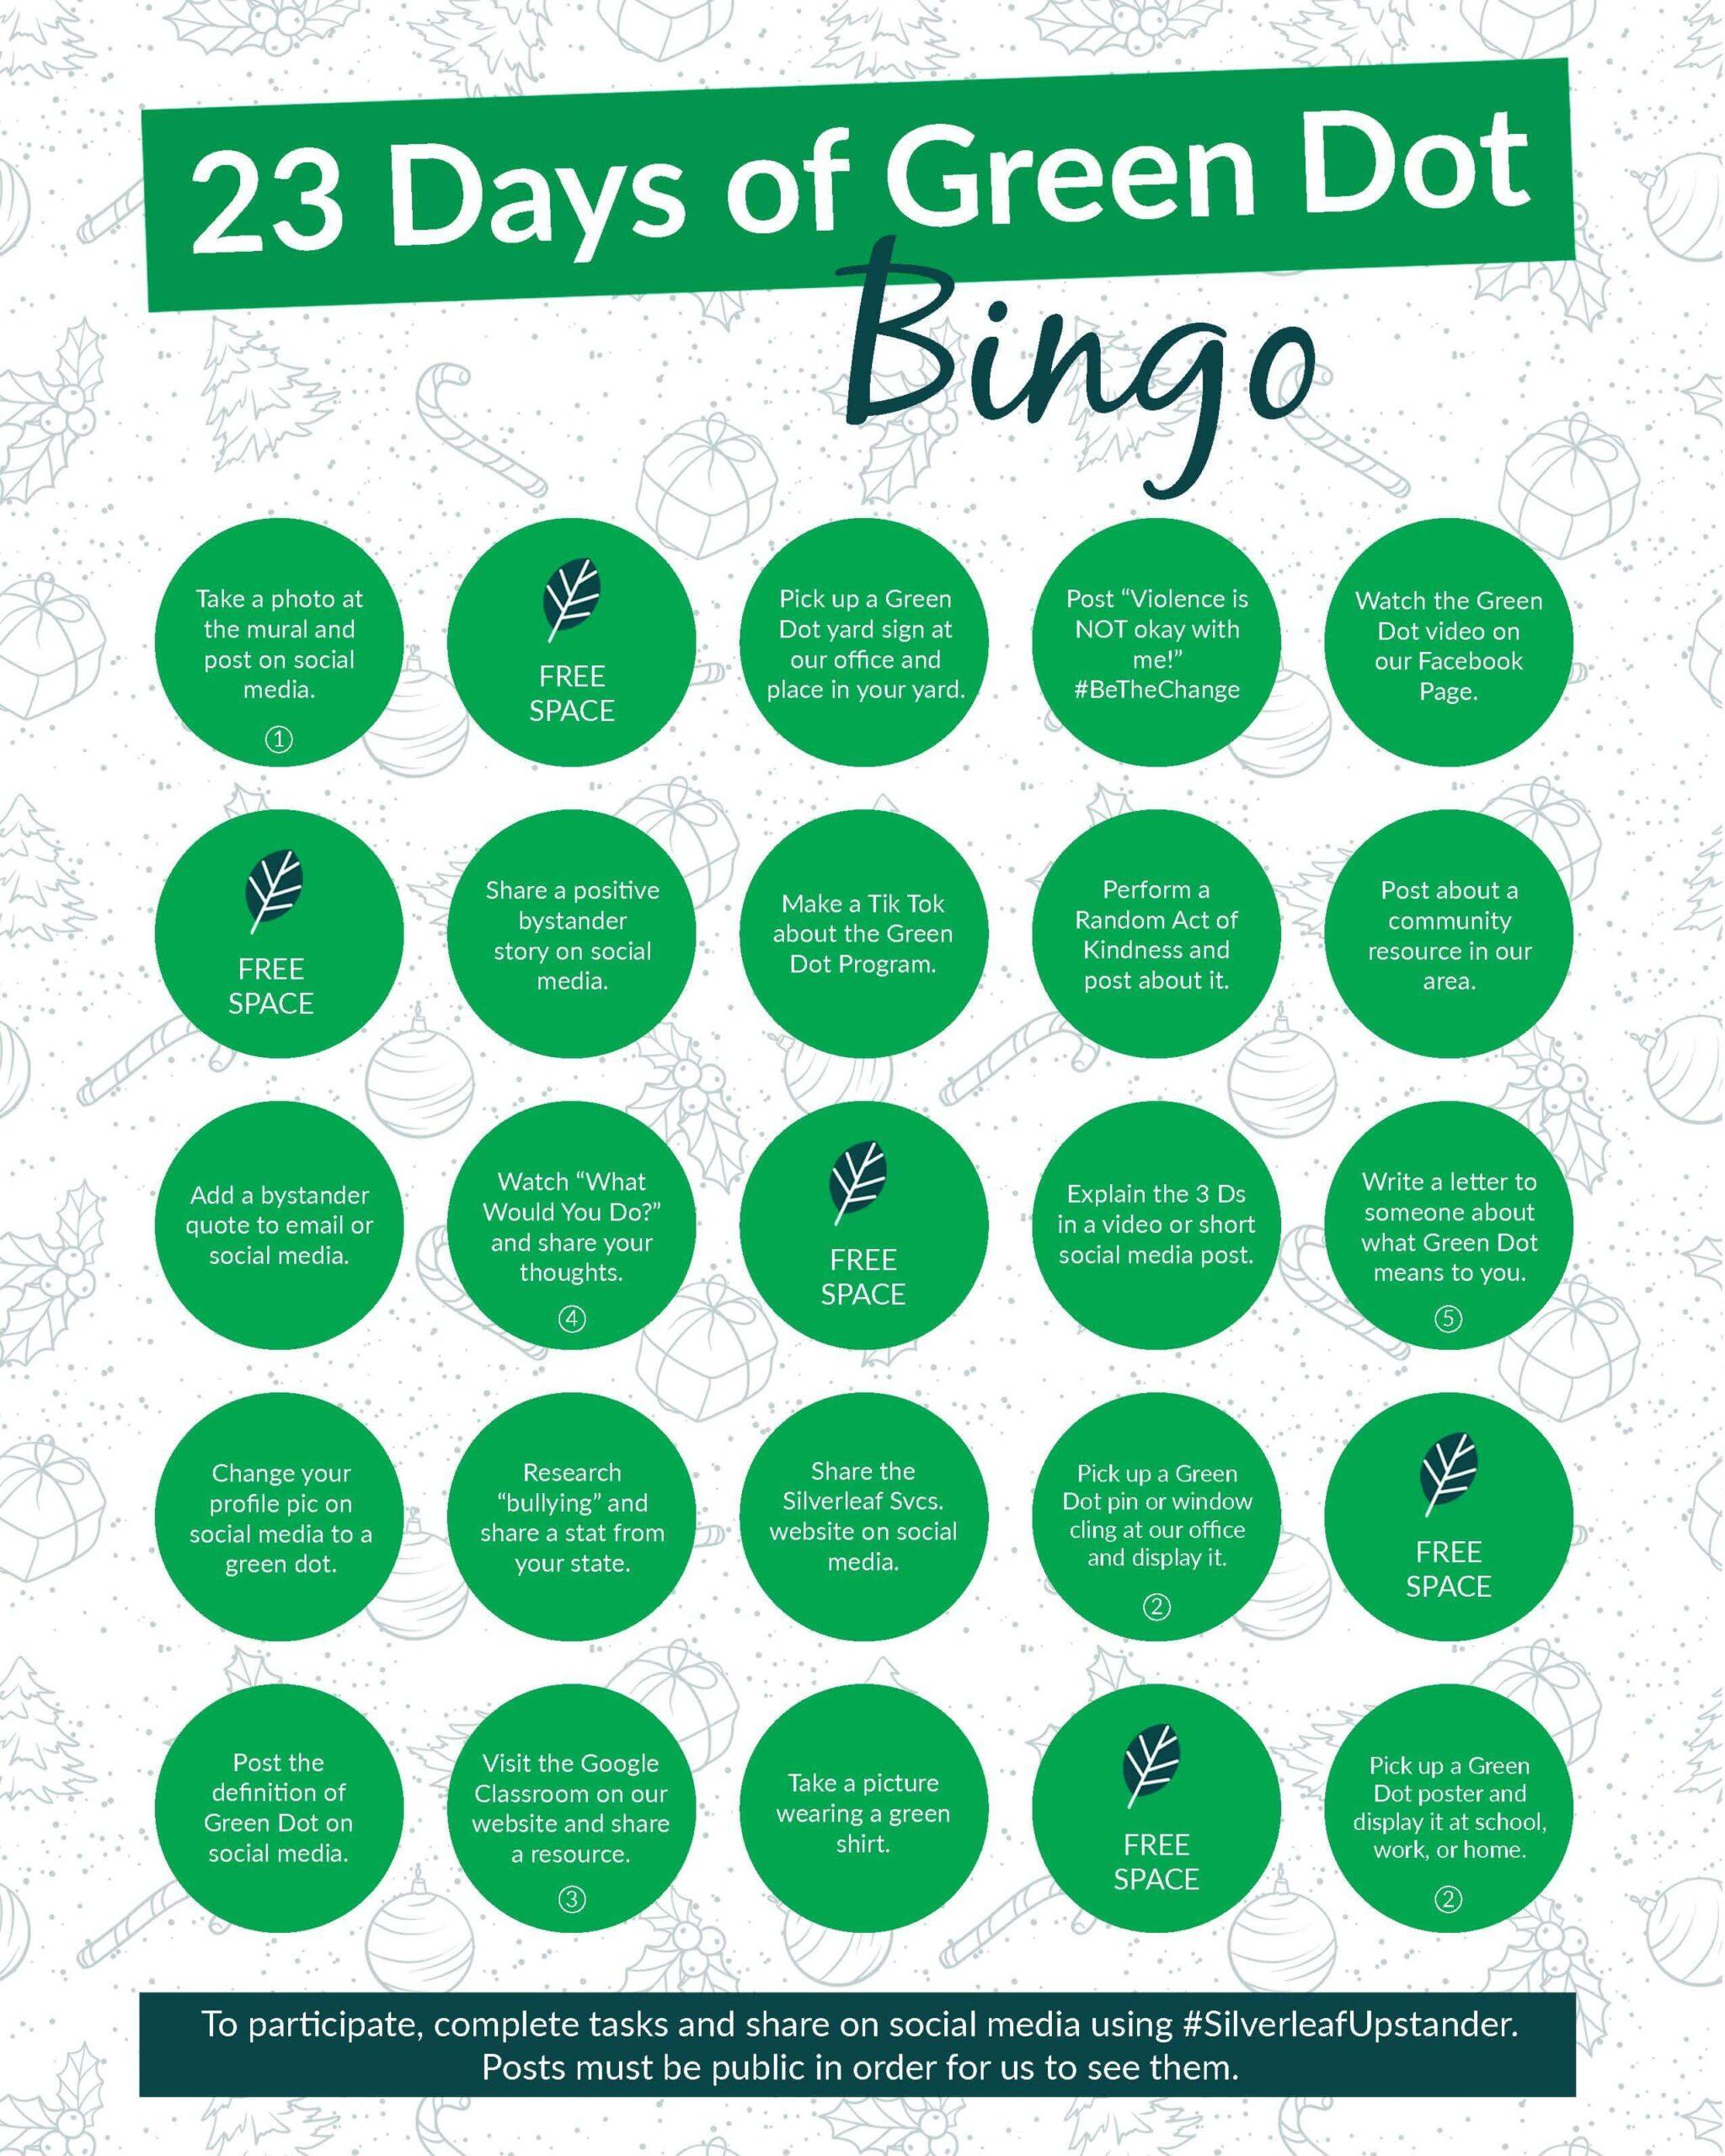 23 Days of Green Dot Bingo Card